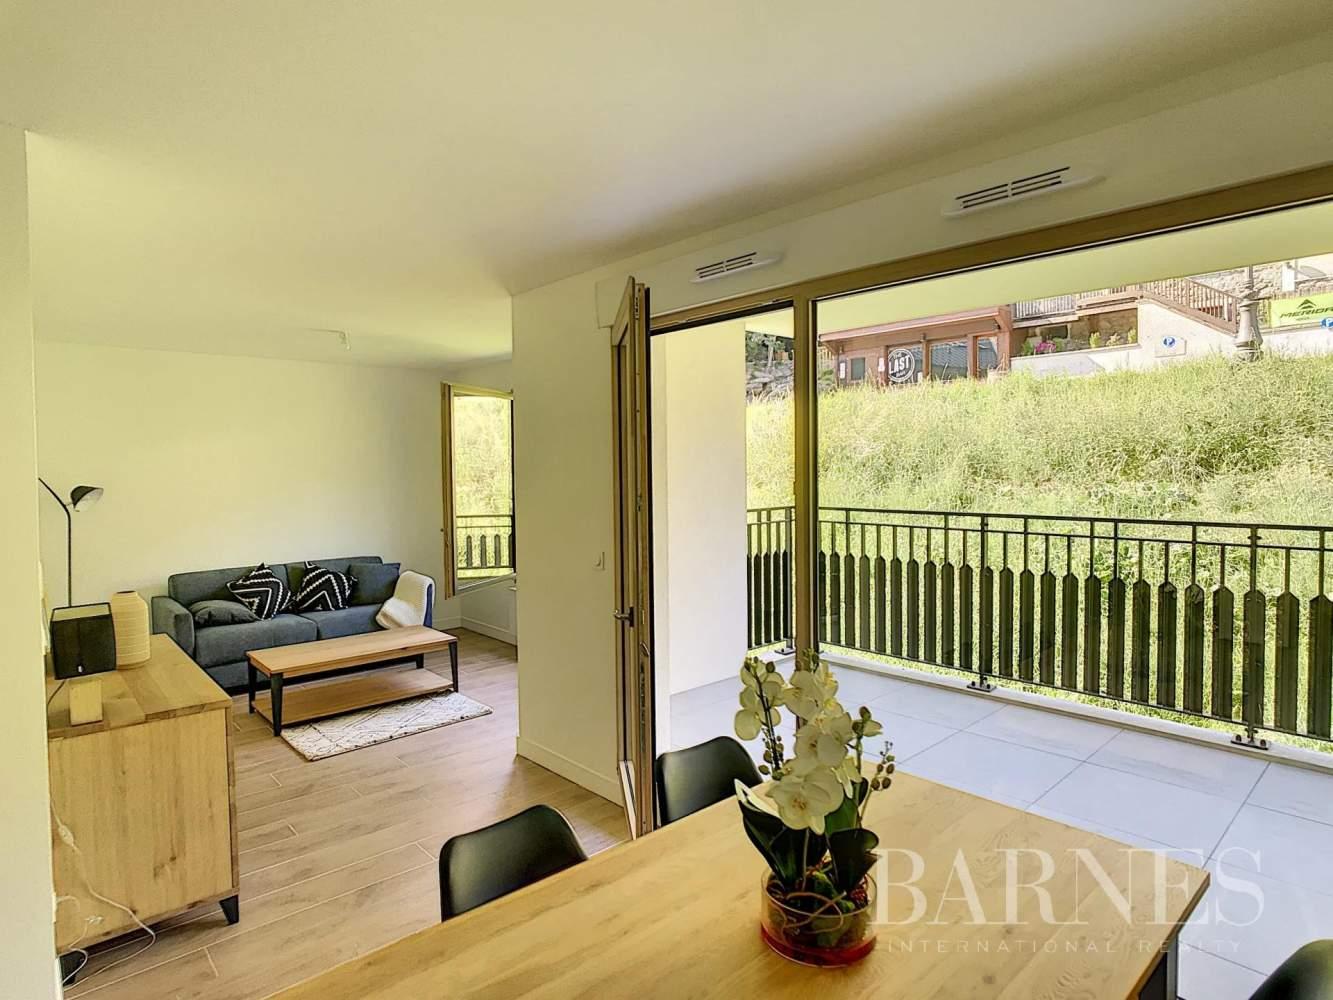 Saint-Gervais-les-Bains  - Appartement 2 Pièces, 1 Chambre - picture 2